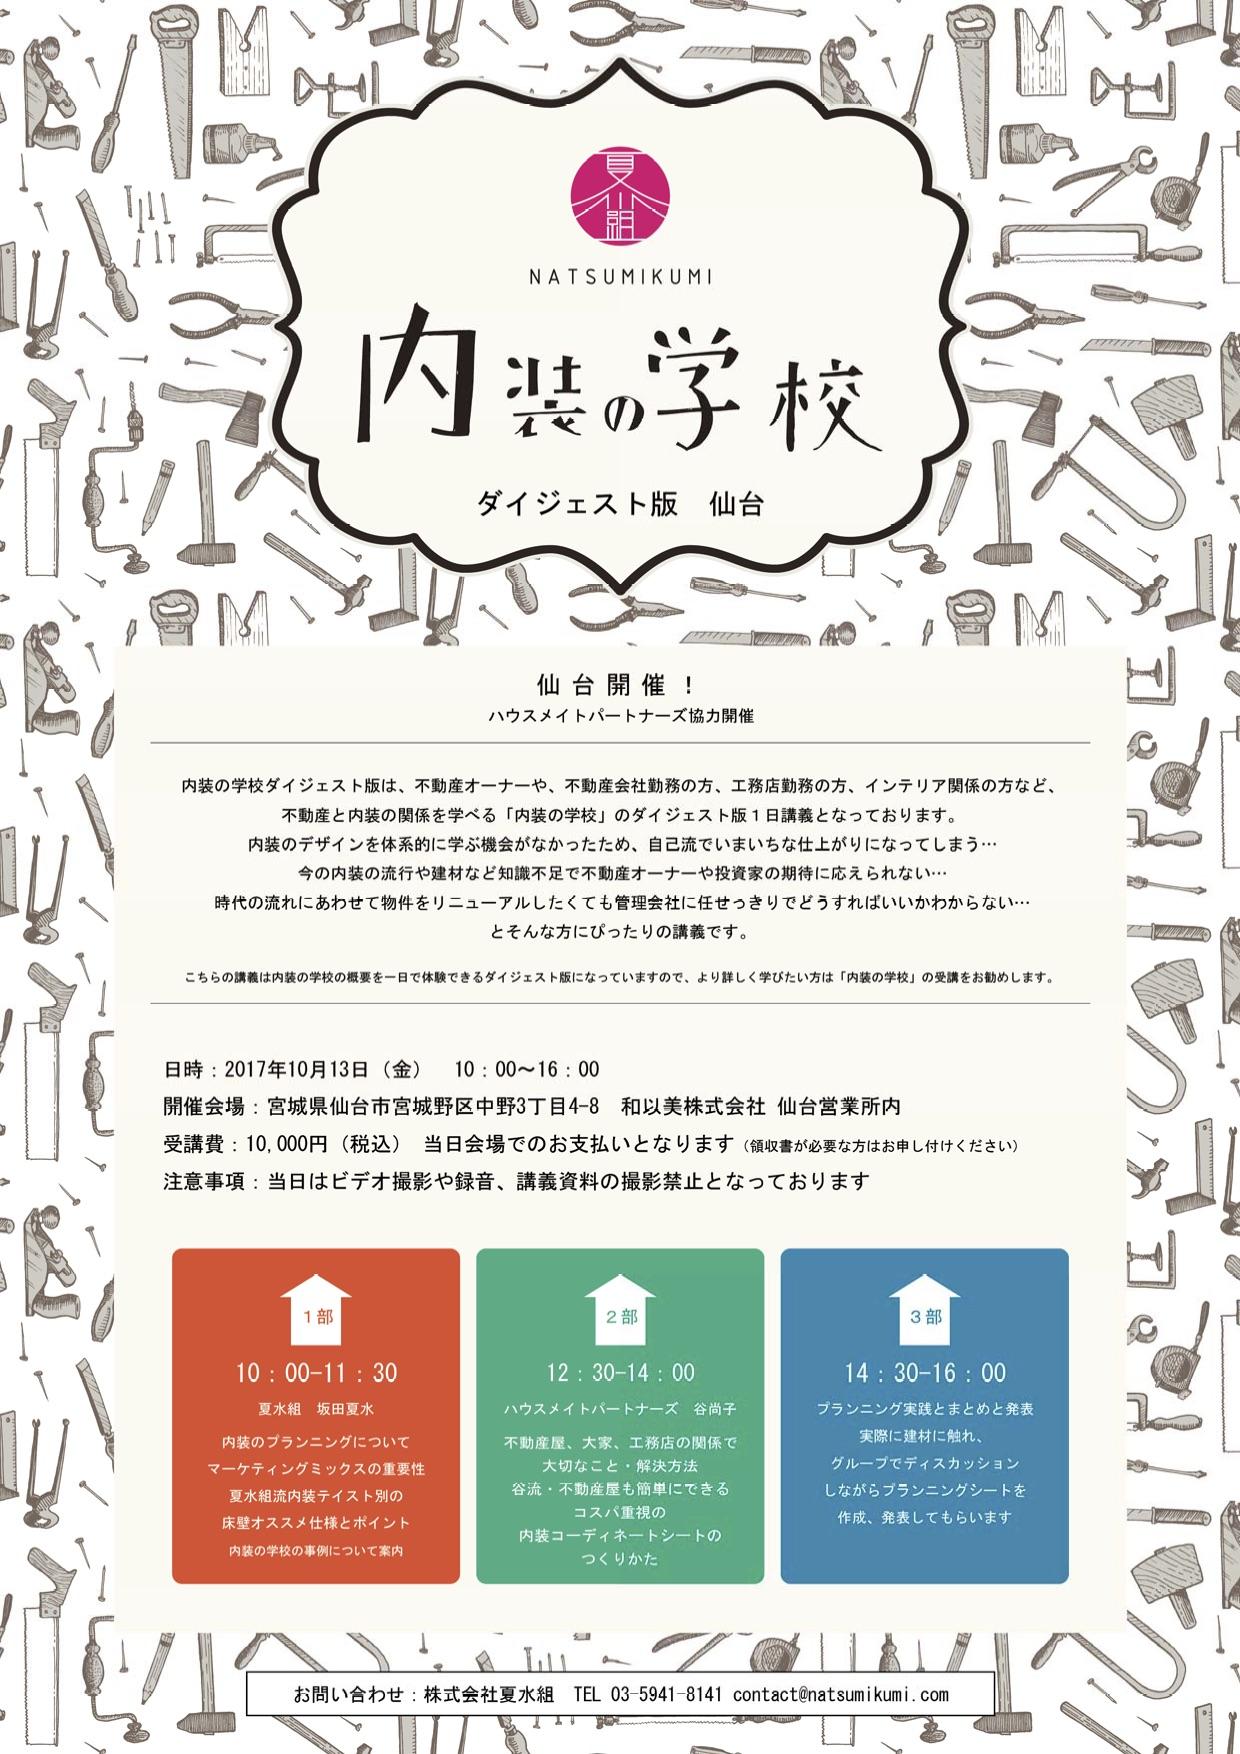 20171013内装の学校ダイジェスト版仙台_チラシ